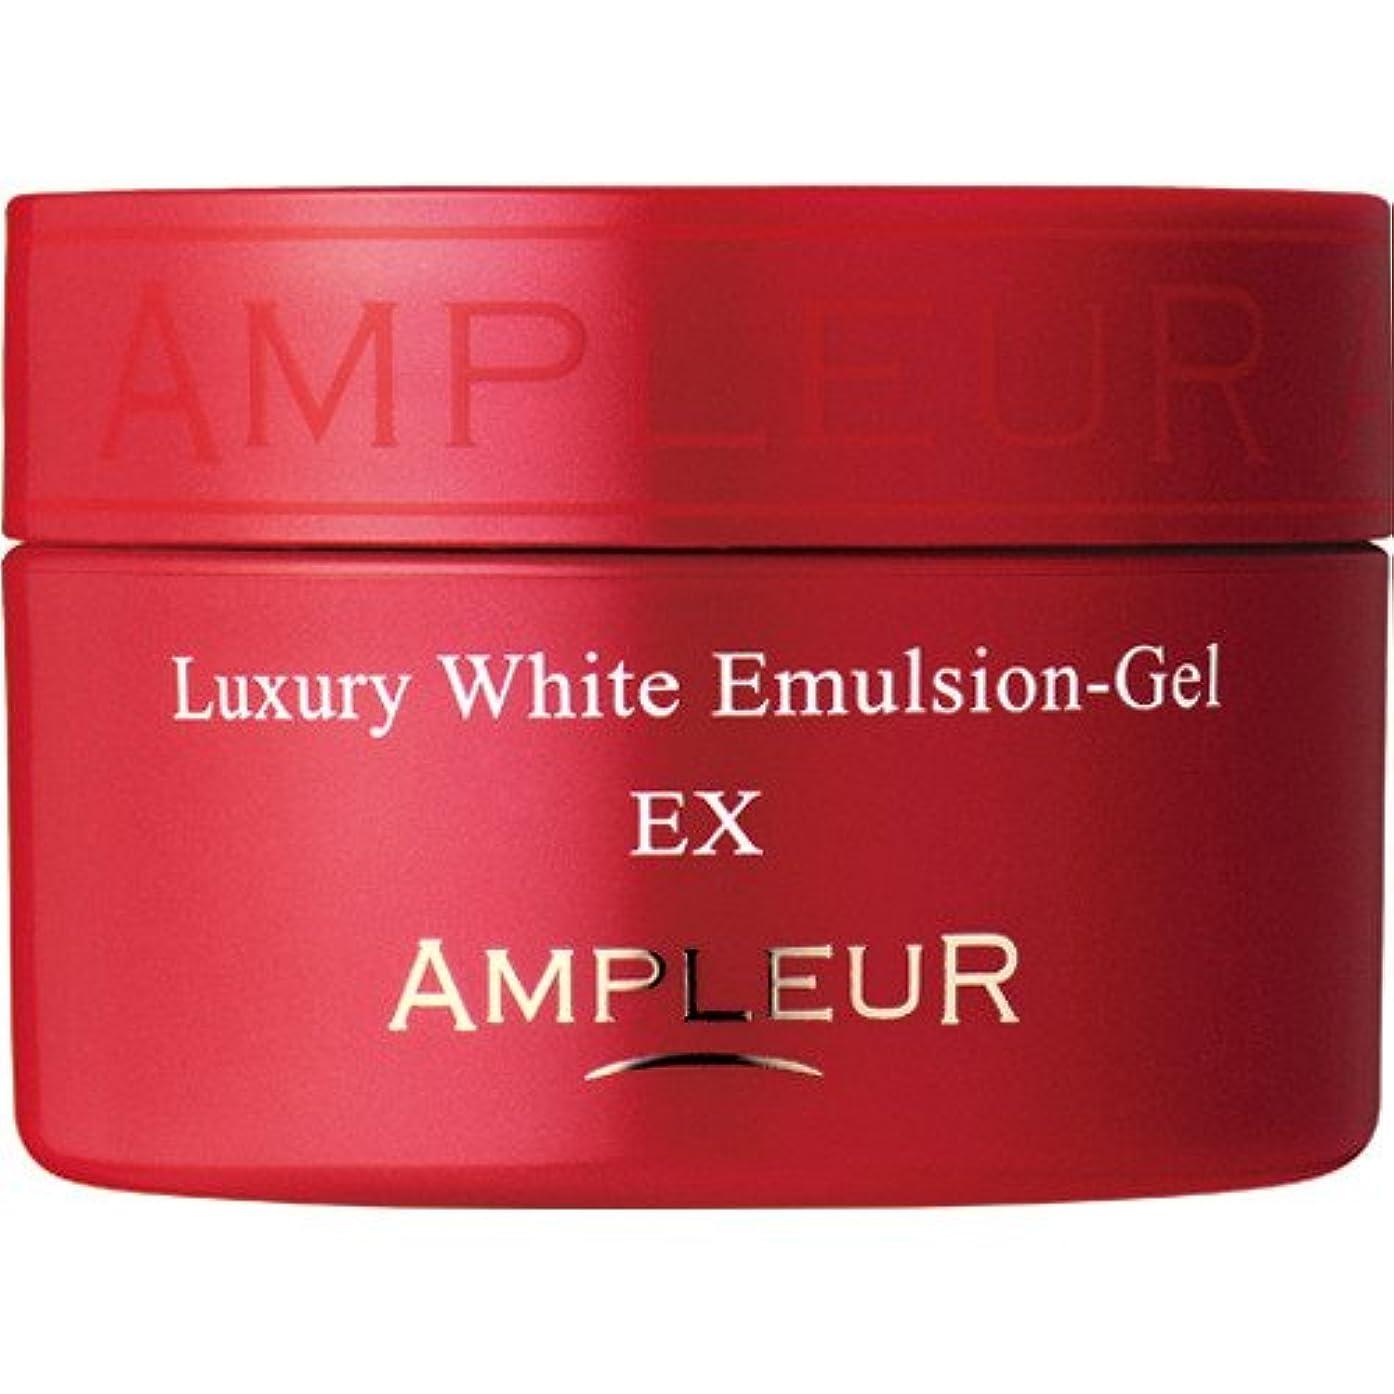 の前で世界的にきしむAMPLEUR(アンプルール) ラグジュアリーホワイト エマルジョンゲルEX 50g